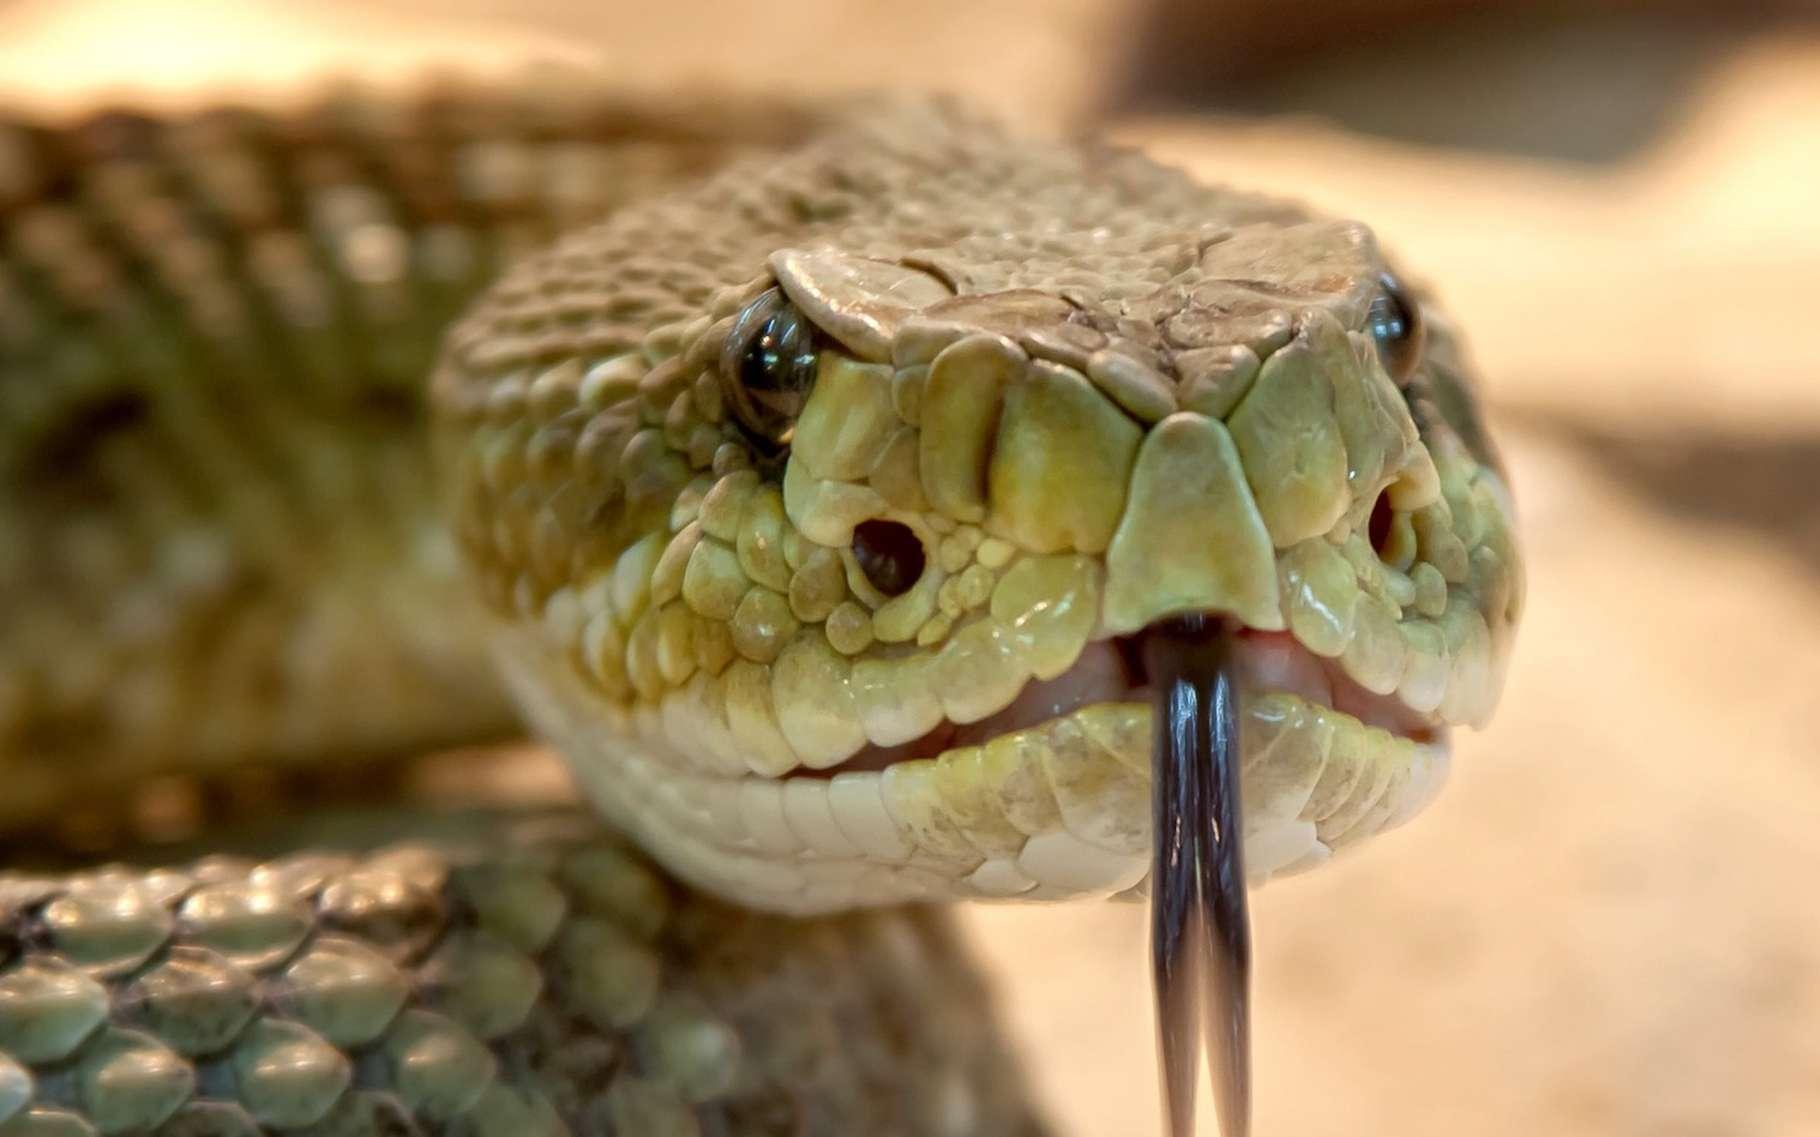 L'herpétologie se consacre à l'étude des reptiles et des amphibiens. © Foto-Rabe, Pixabay, CC0 Creative Commons